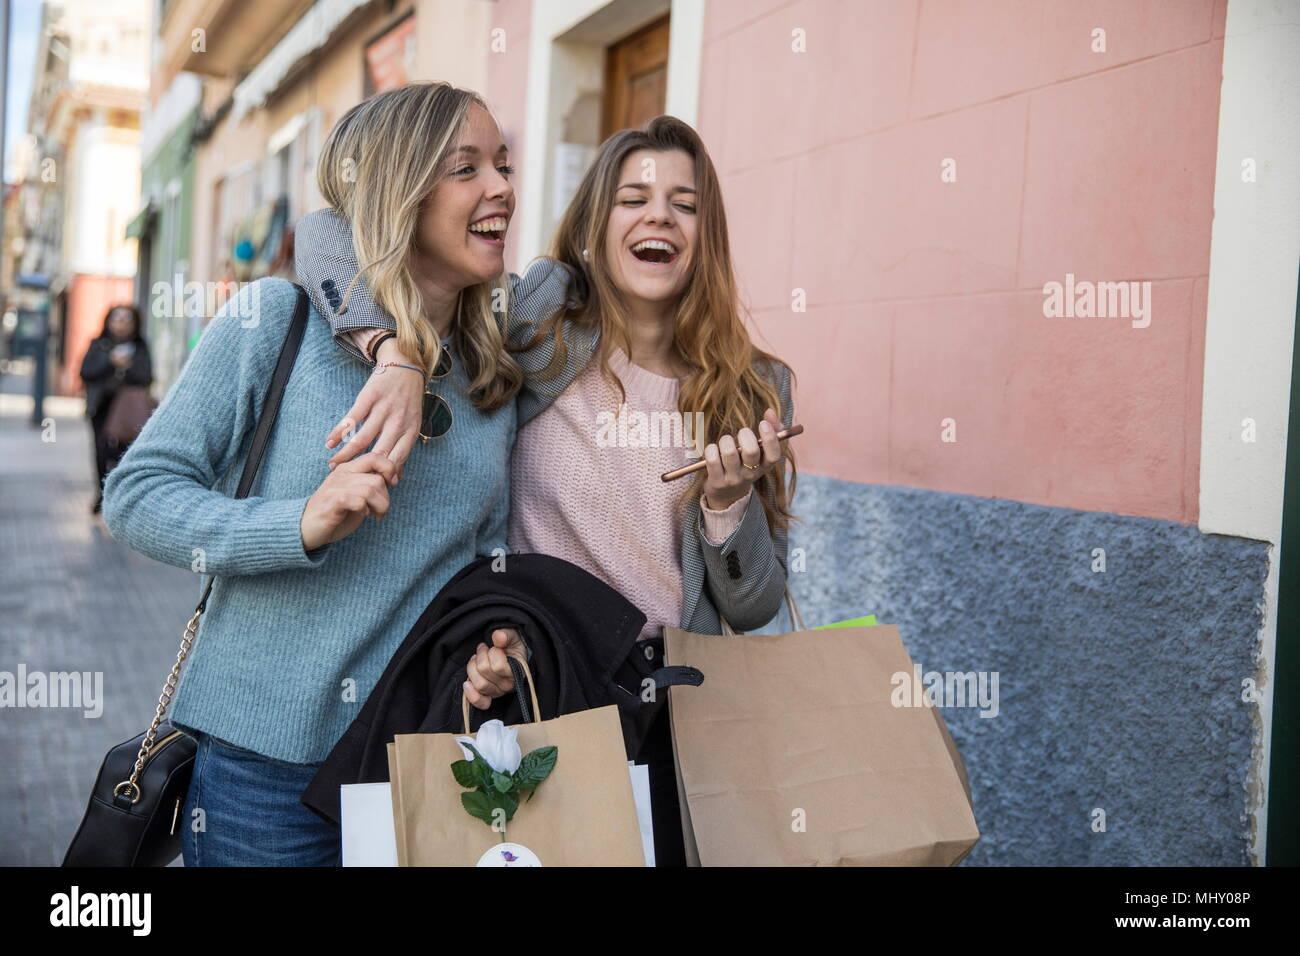 Freunde, Shopping und Lachen in der Straße Stockbild